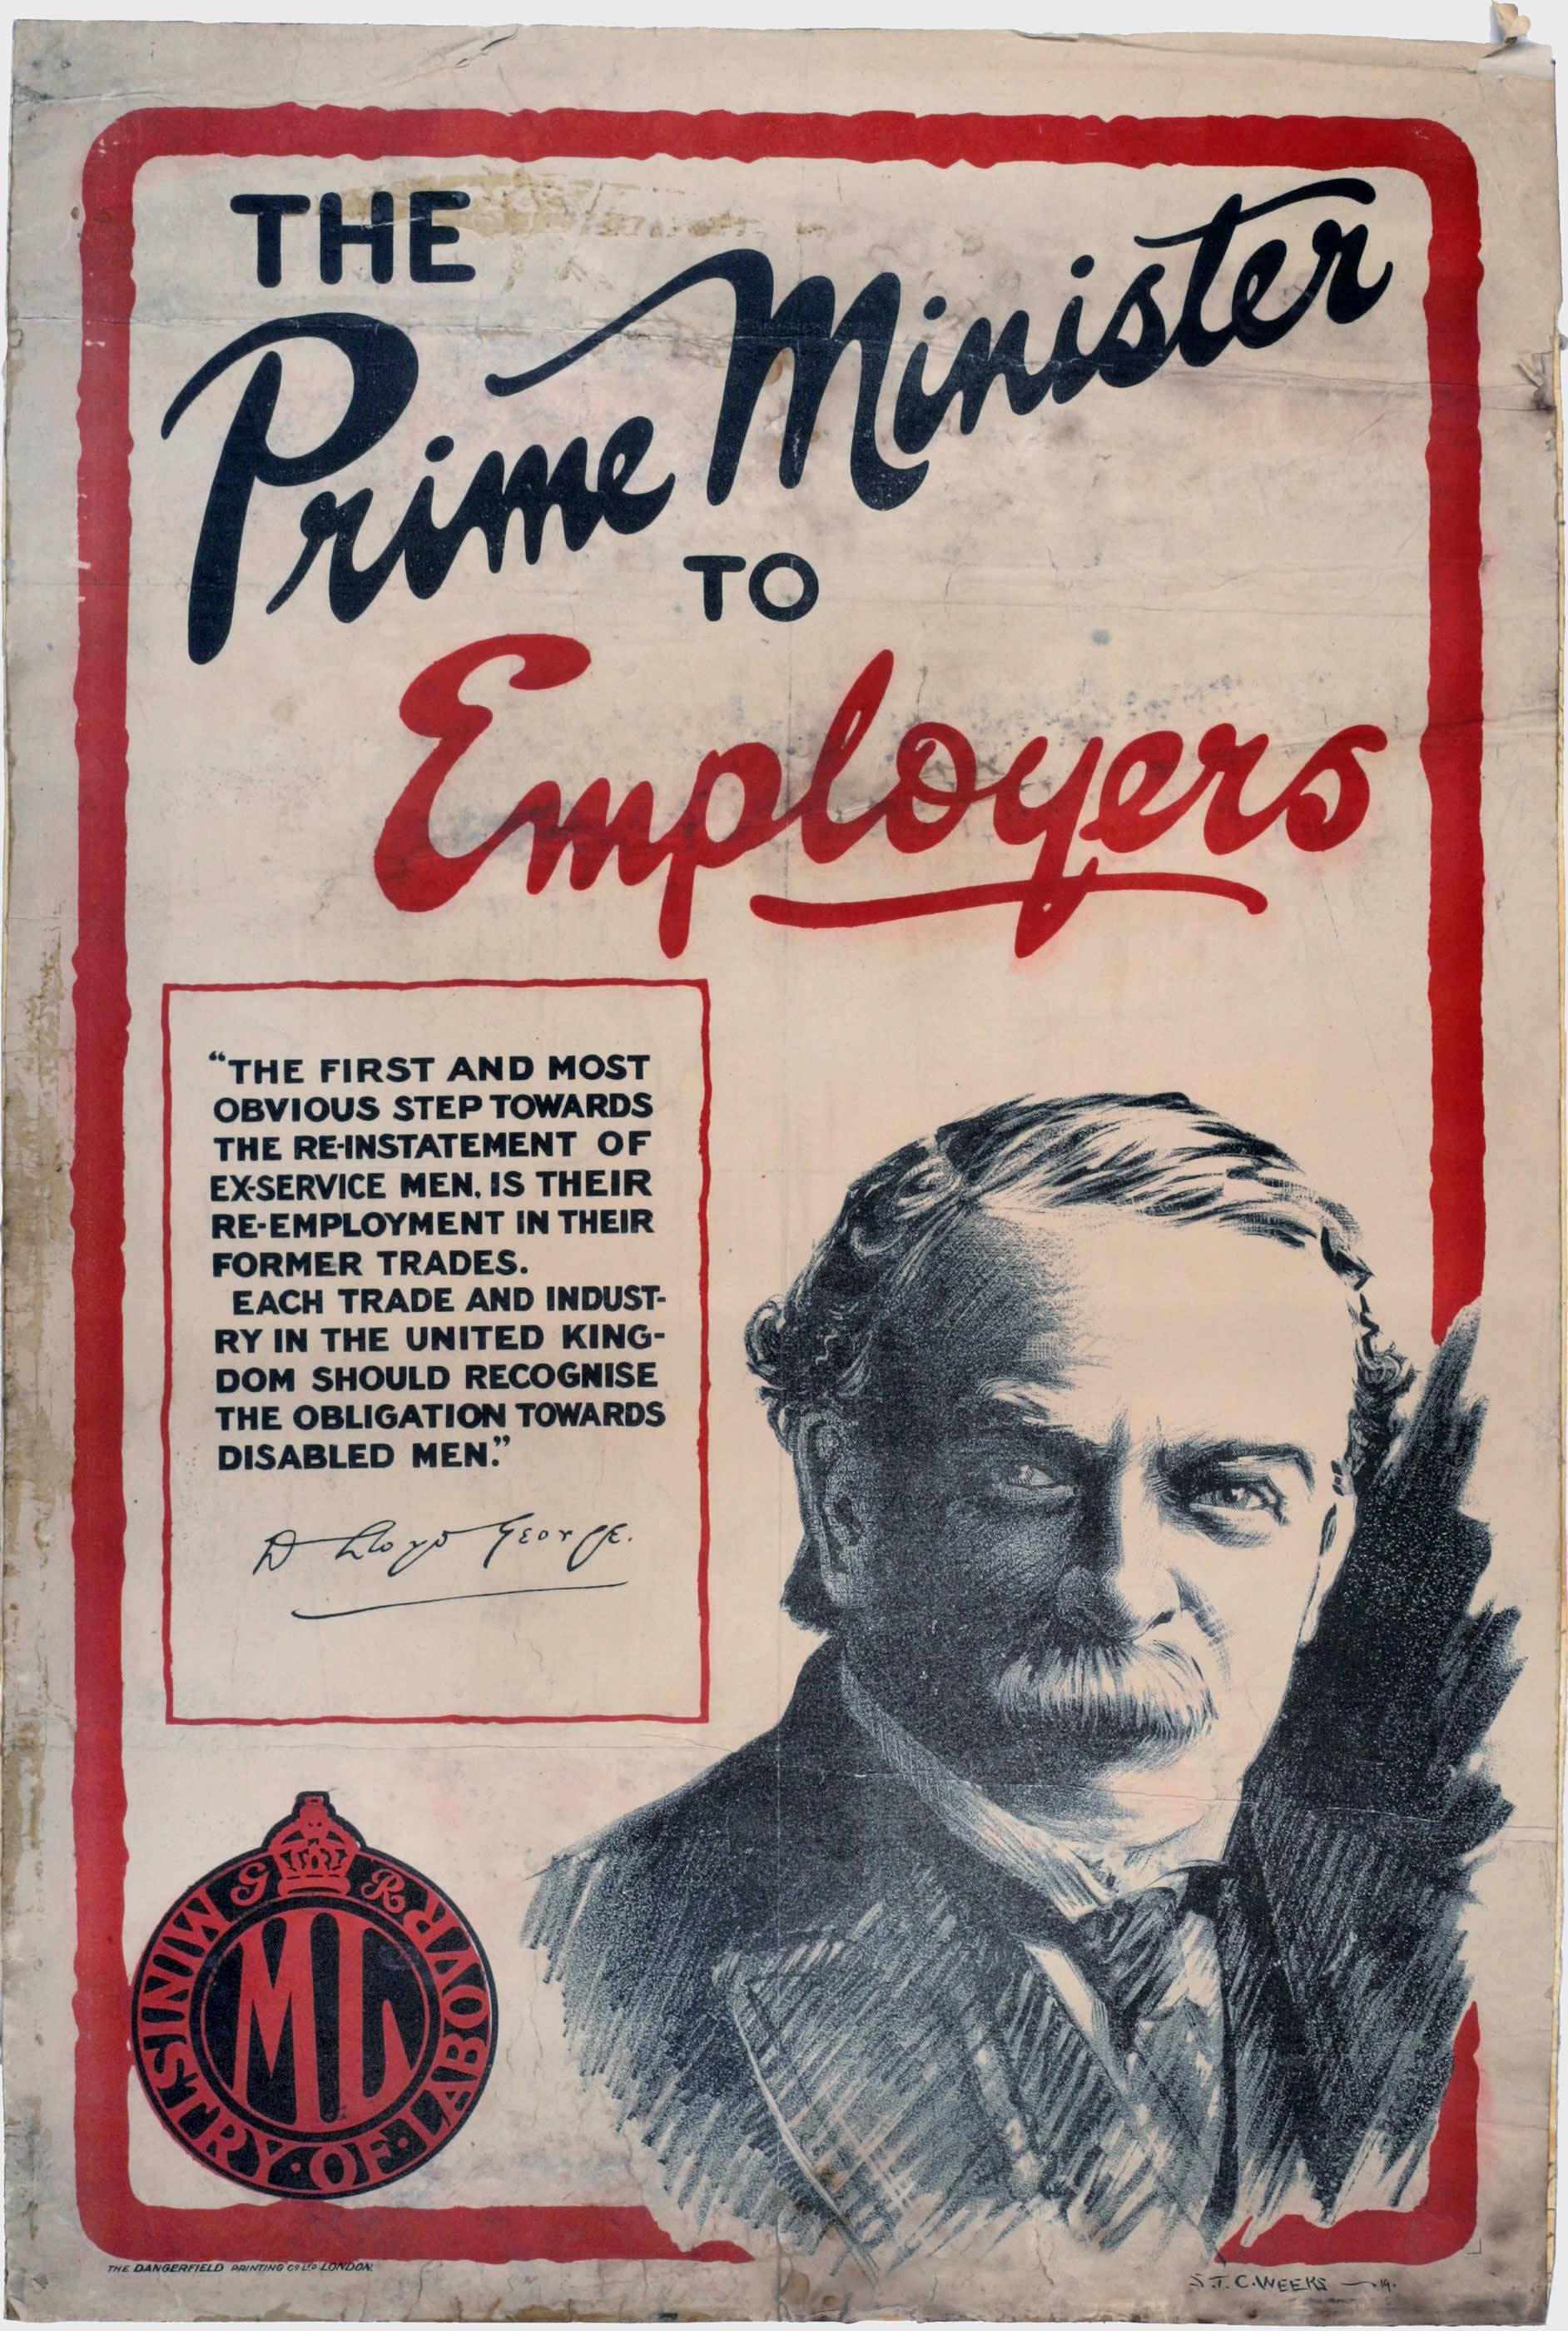 Le premier ministre aux employeurs